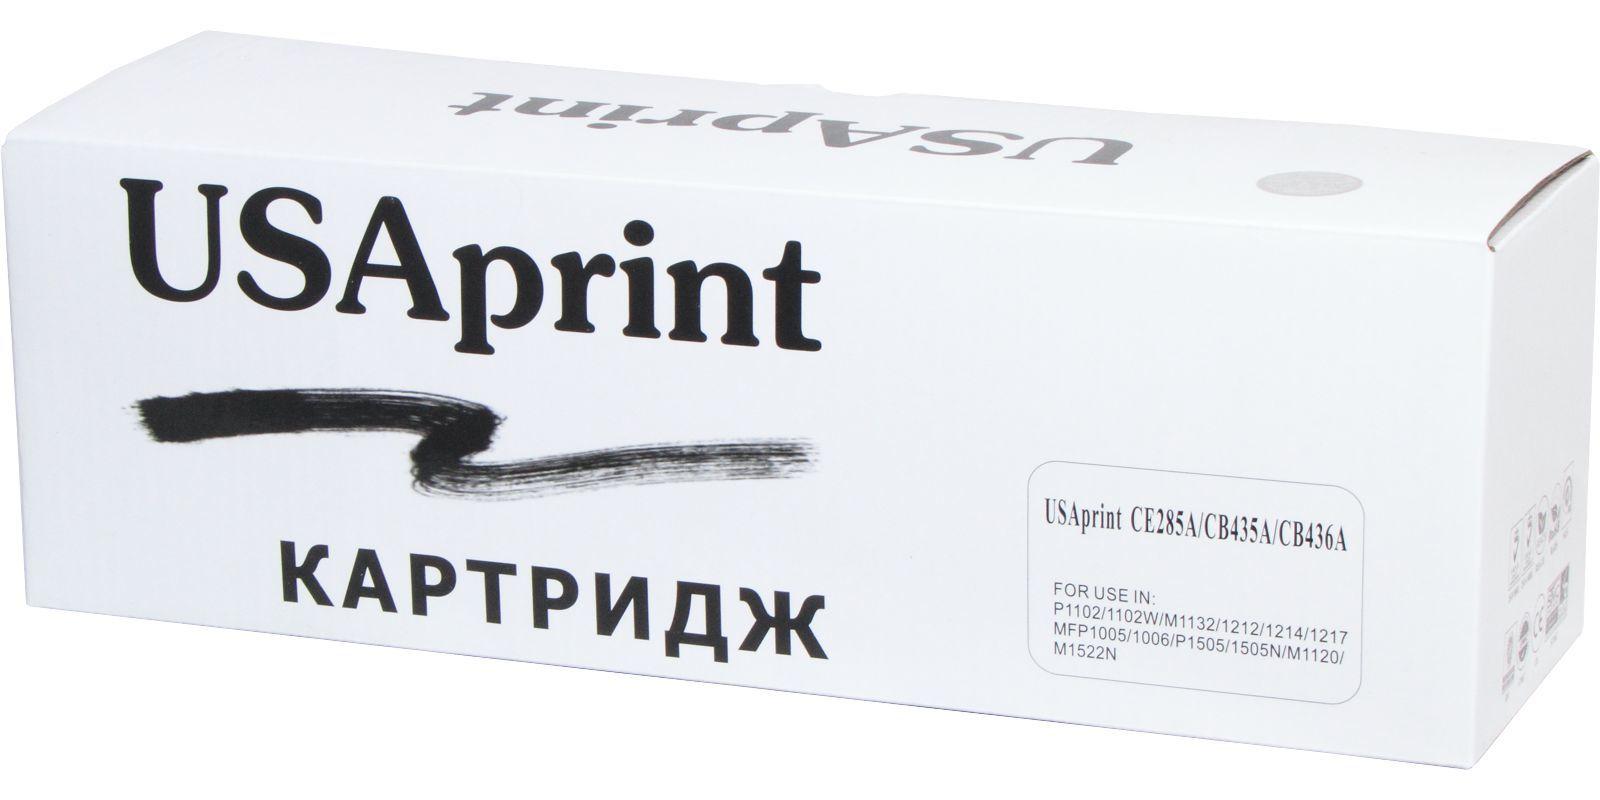 Картридж лазерный USAprint 85A/35A/36A CE285A/CB435A/CB436A (Cartridge 725)/(Cartridge 712) черный (black), до 2300 стр.